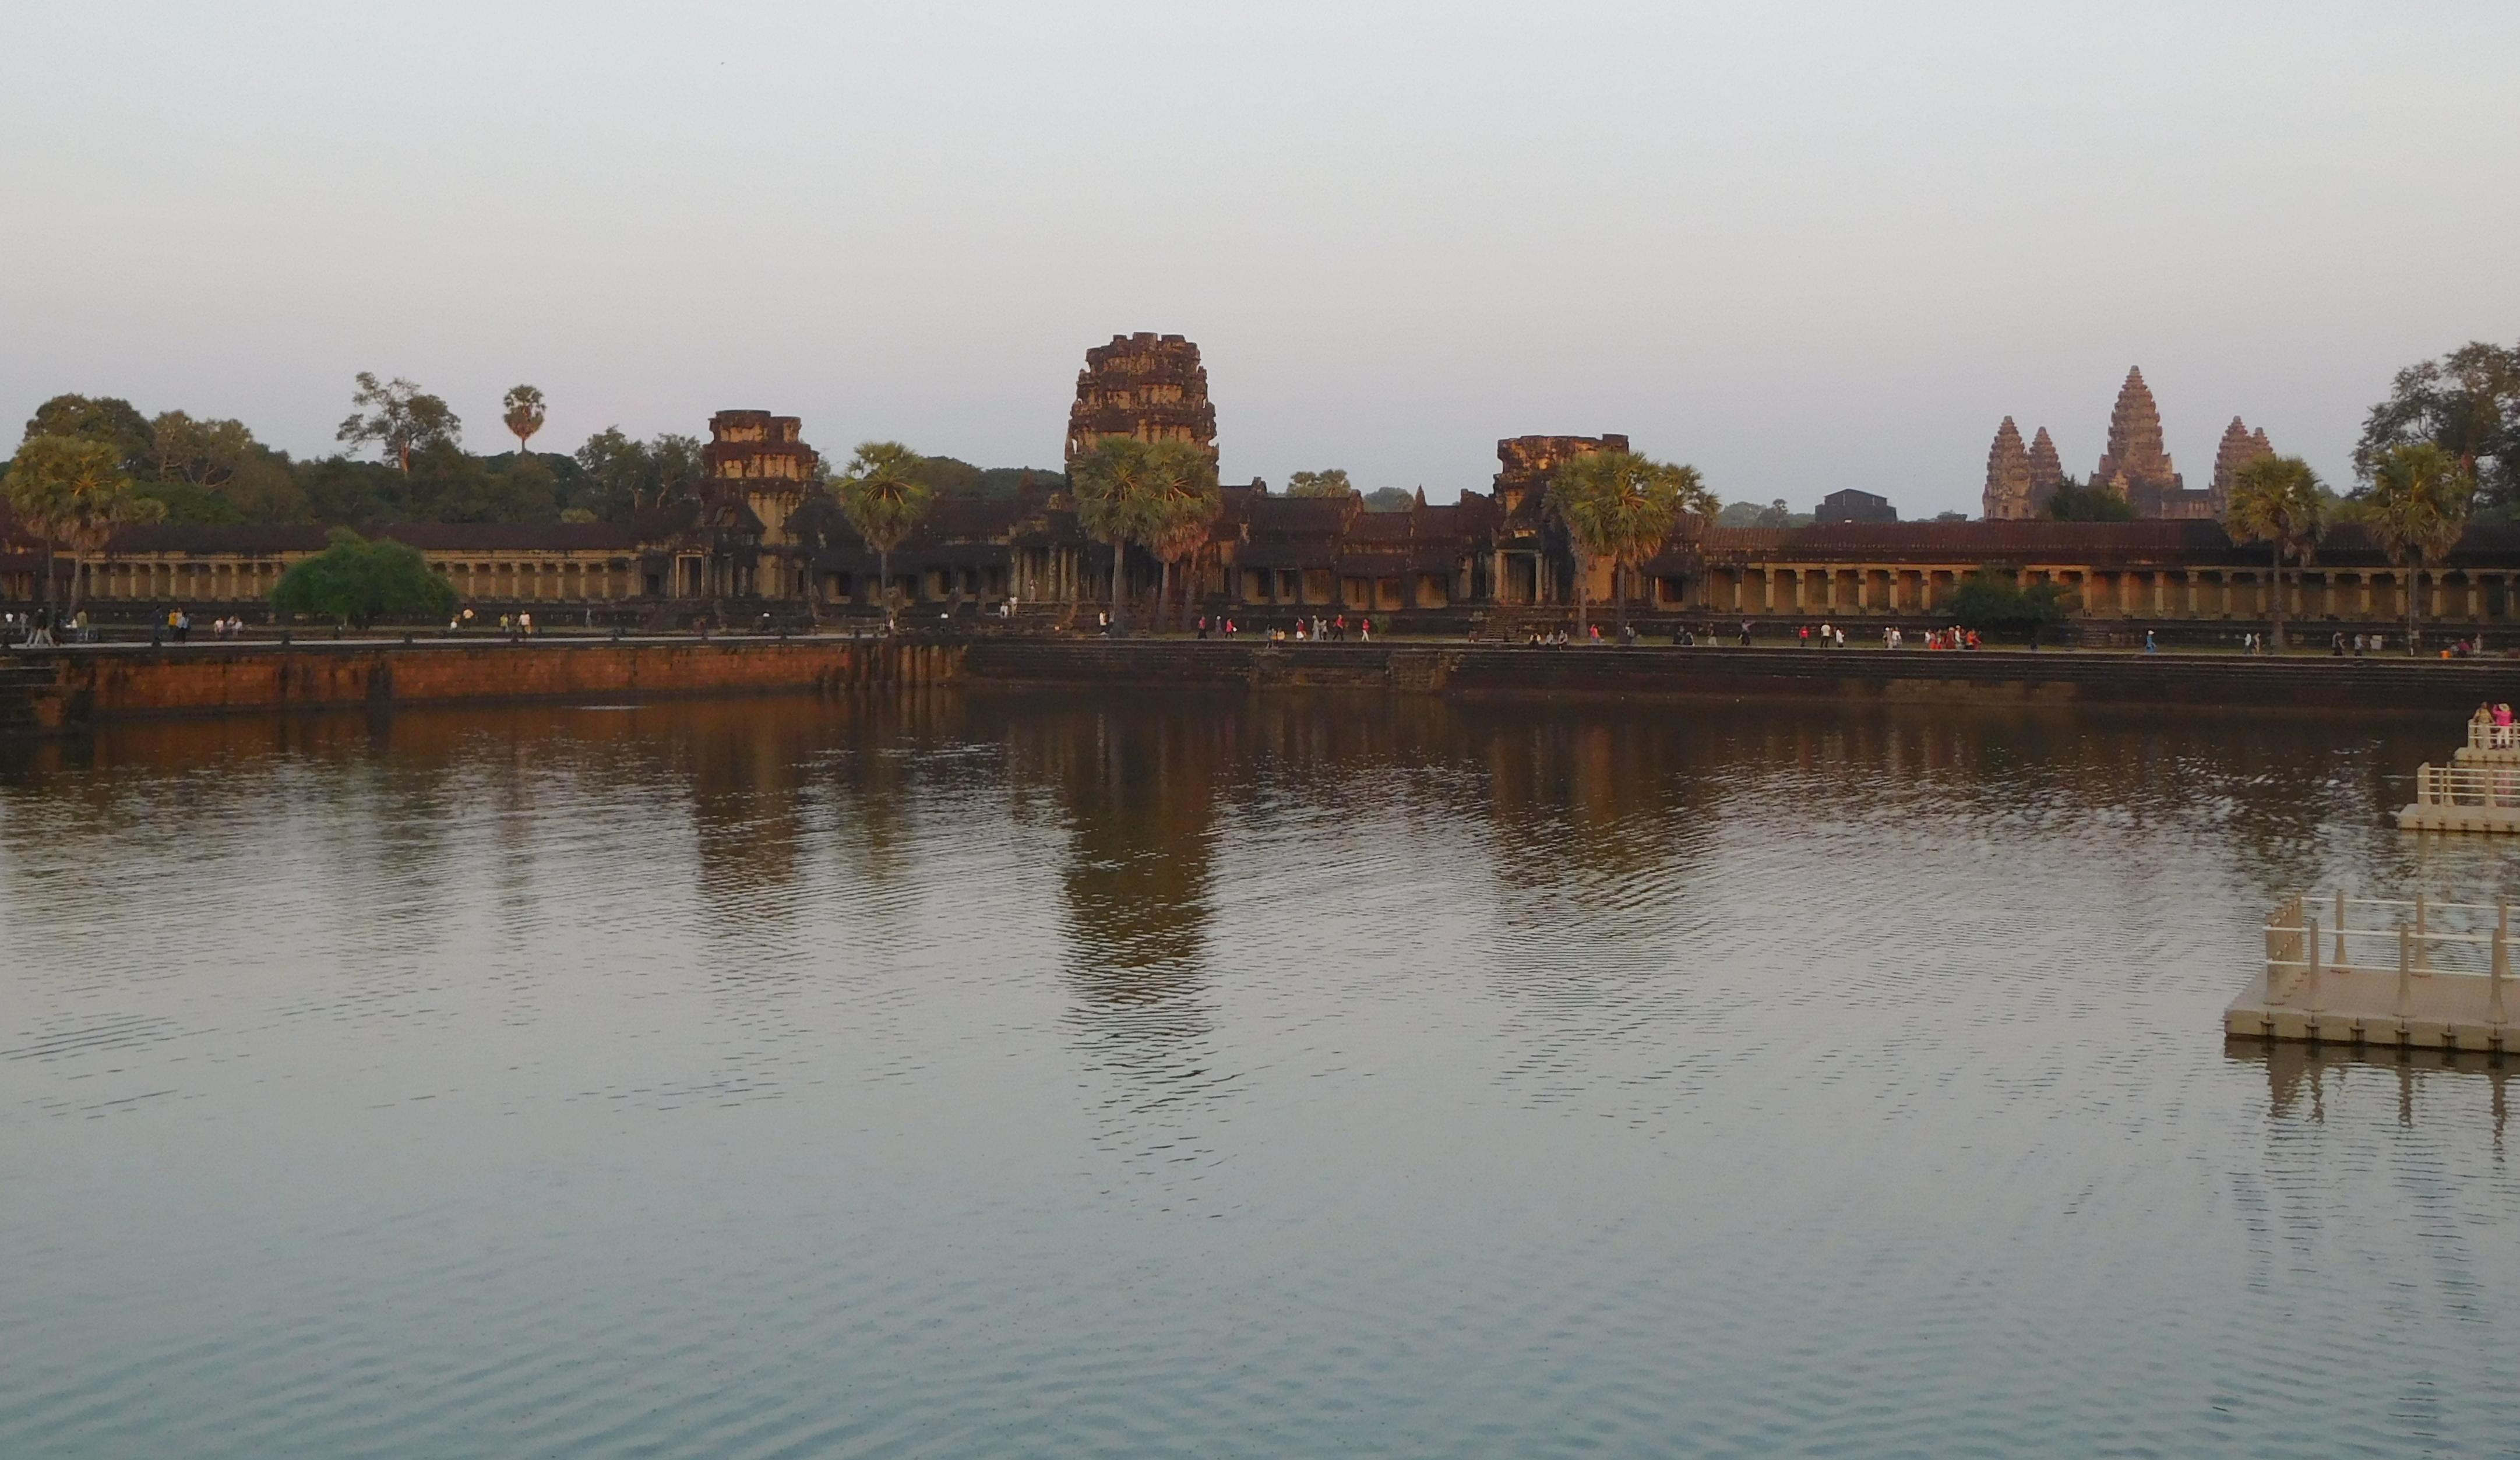 Größte Tempelanlage Der Welt